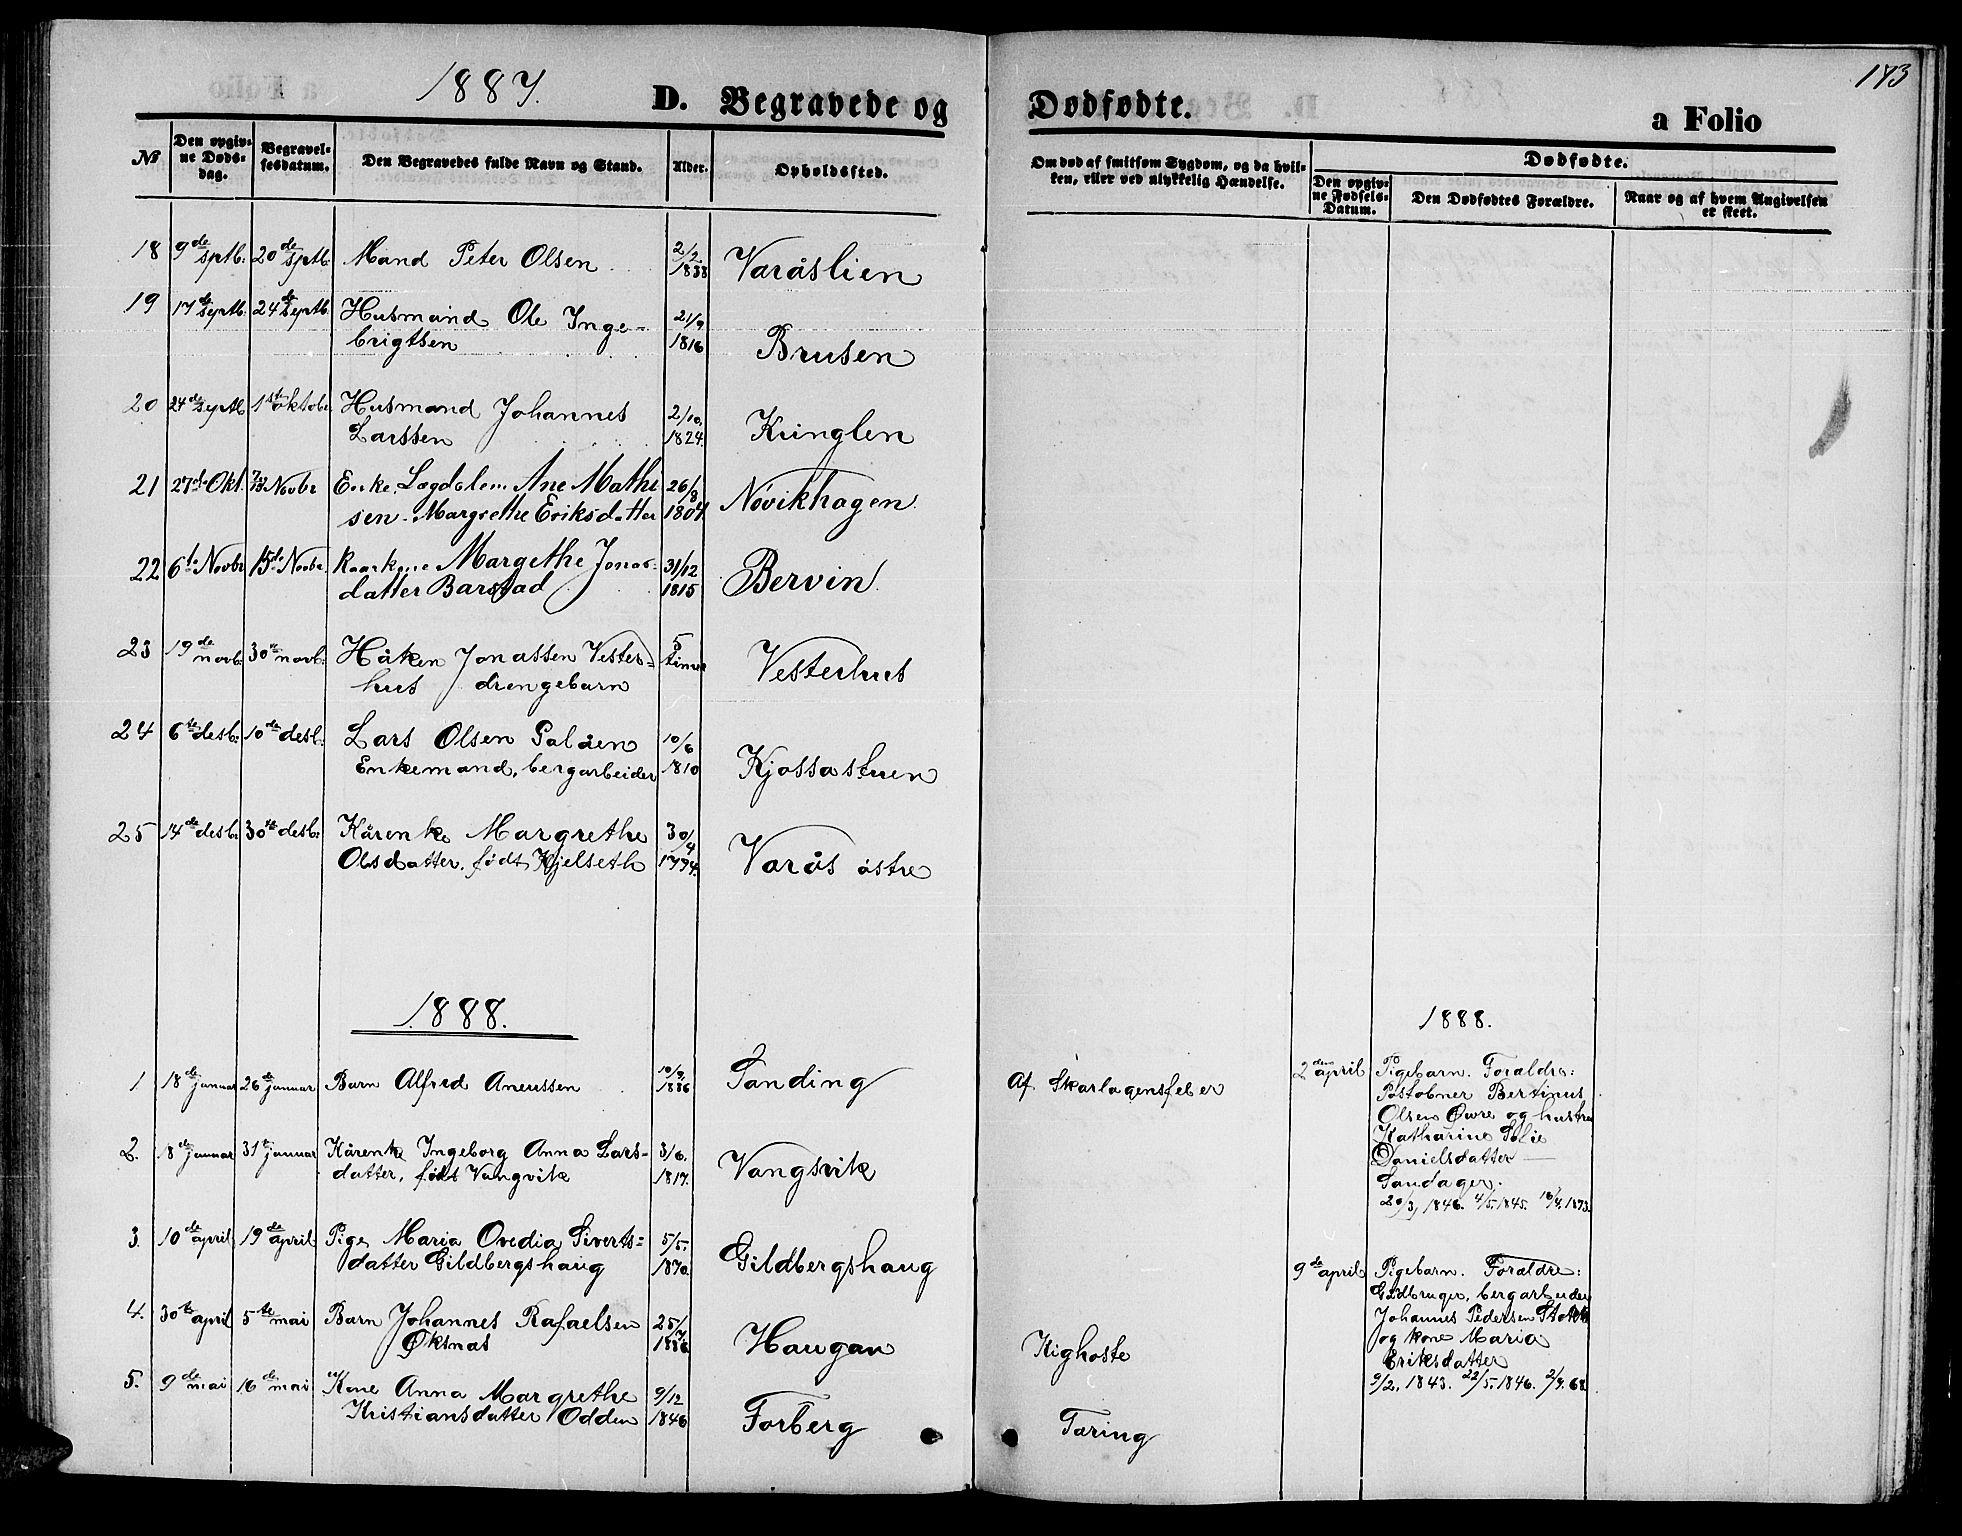 SAT, Ministerialprotokoller, klokkerbøker og fødselsregistre - Nord-Trøndelag, 722/L0225: Klokkerbok nr. 722C01, 1871-1888, s. 173